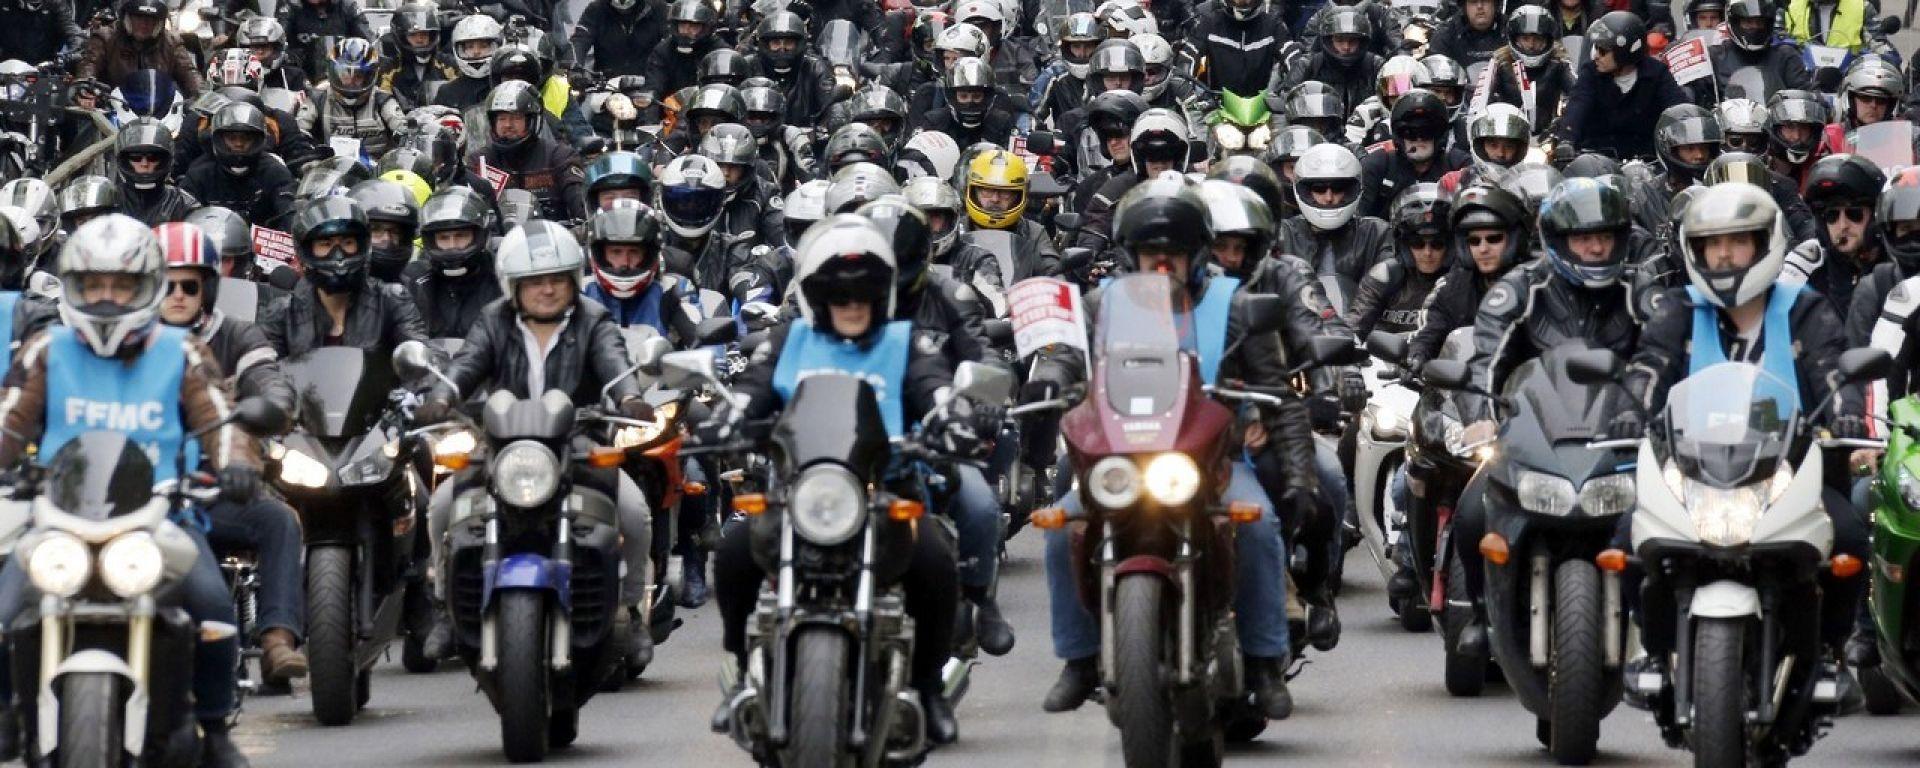 Mercato moto luglio 2016: vendite in flessione, ma c'è voglia di viaggiare